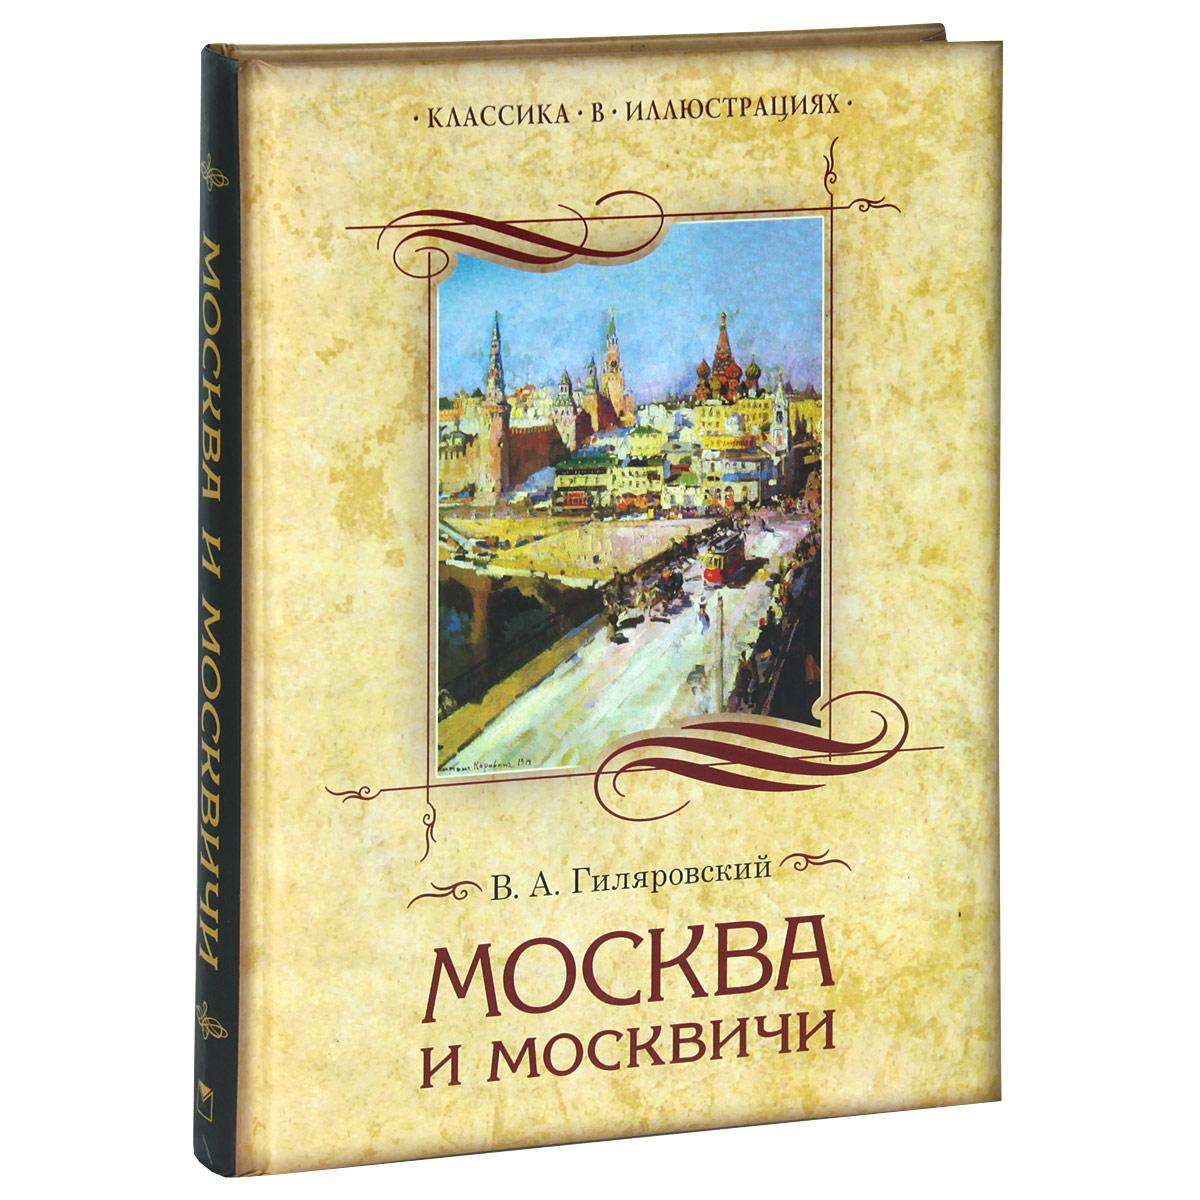 В. А. Гиляровский Москва и москвичи интернет магазины вытяжки москва